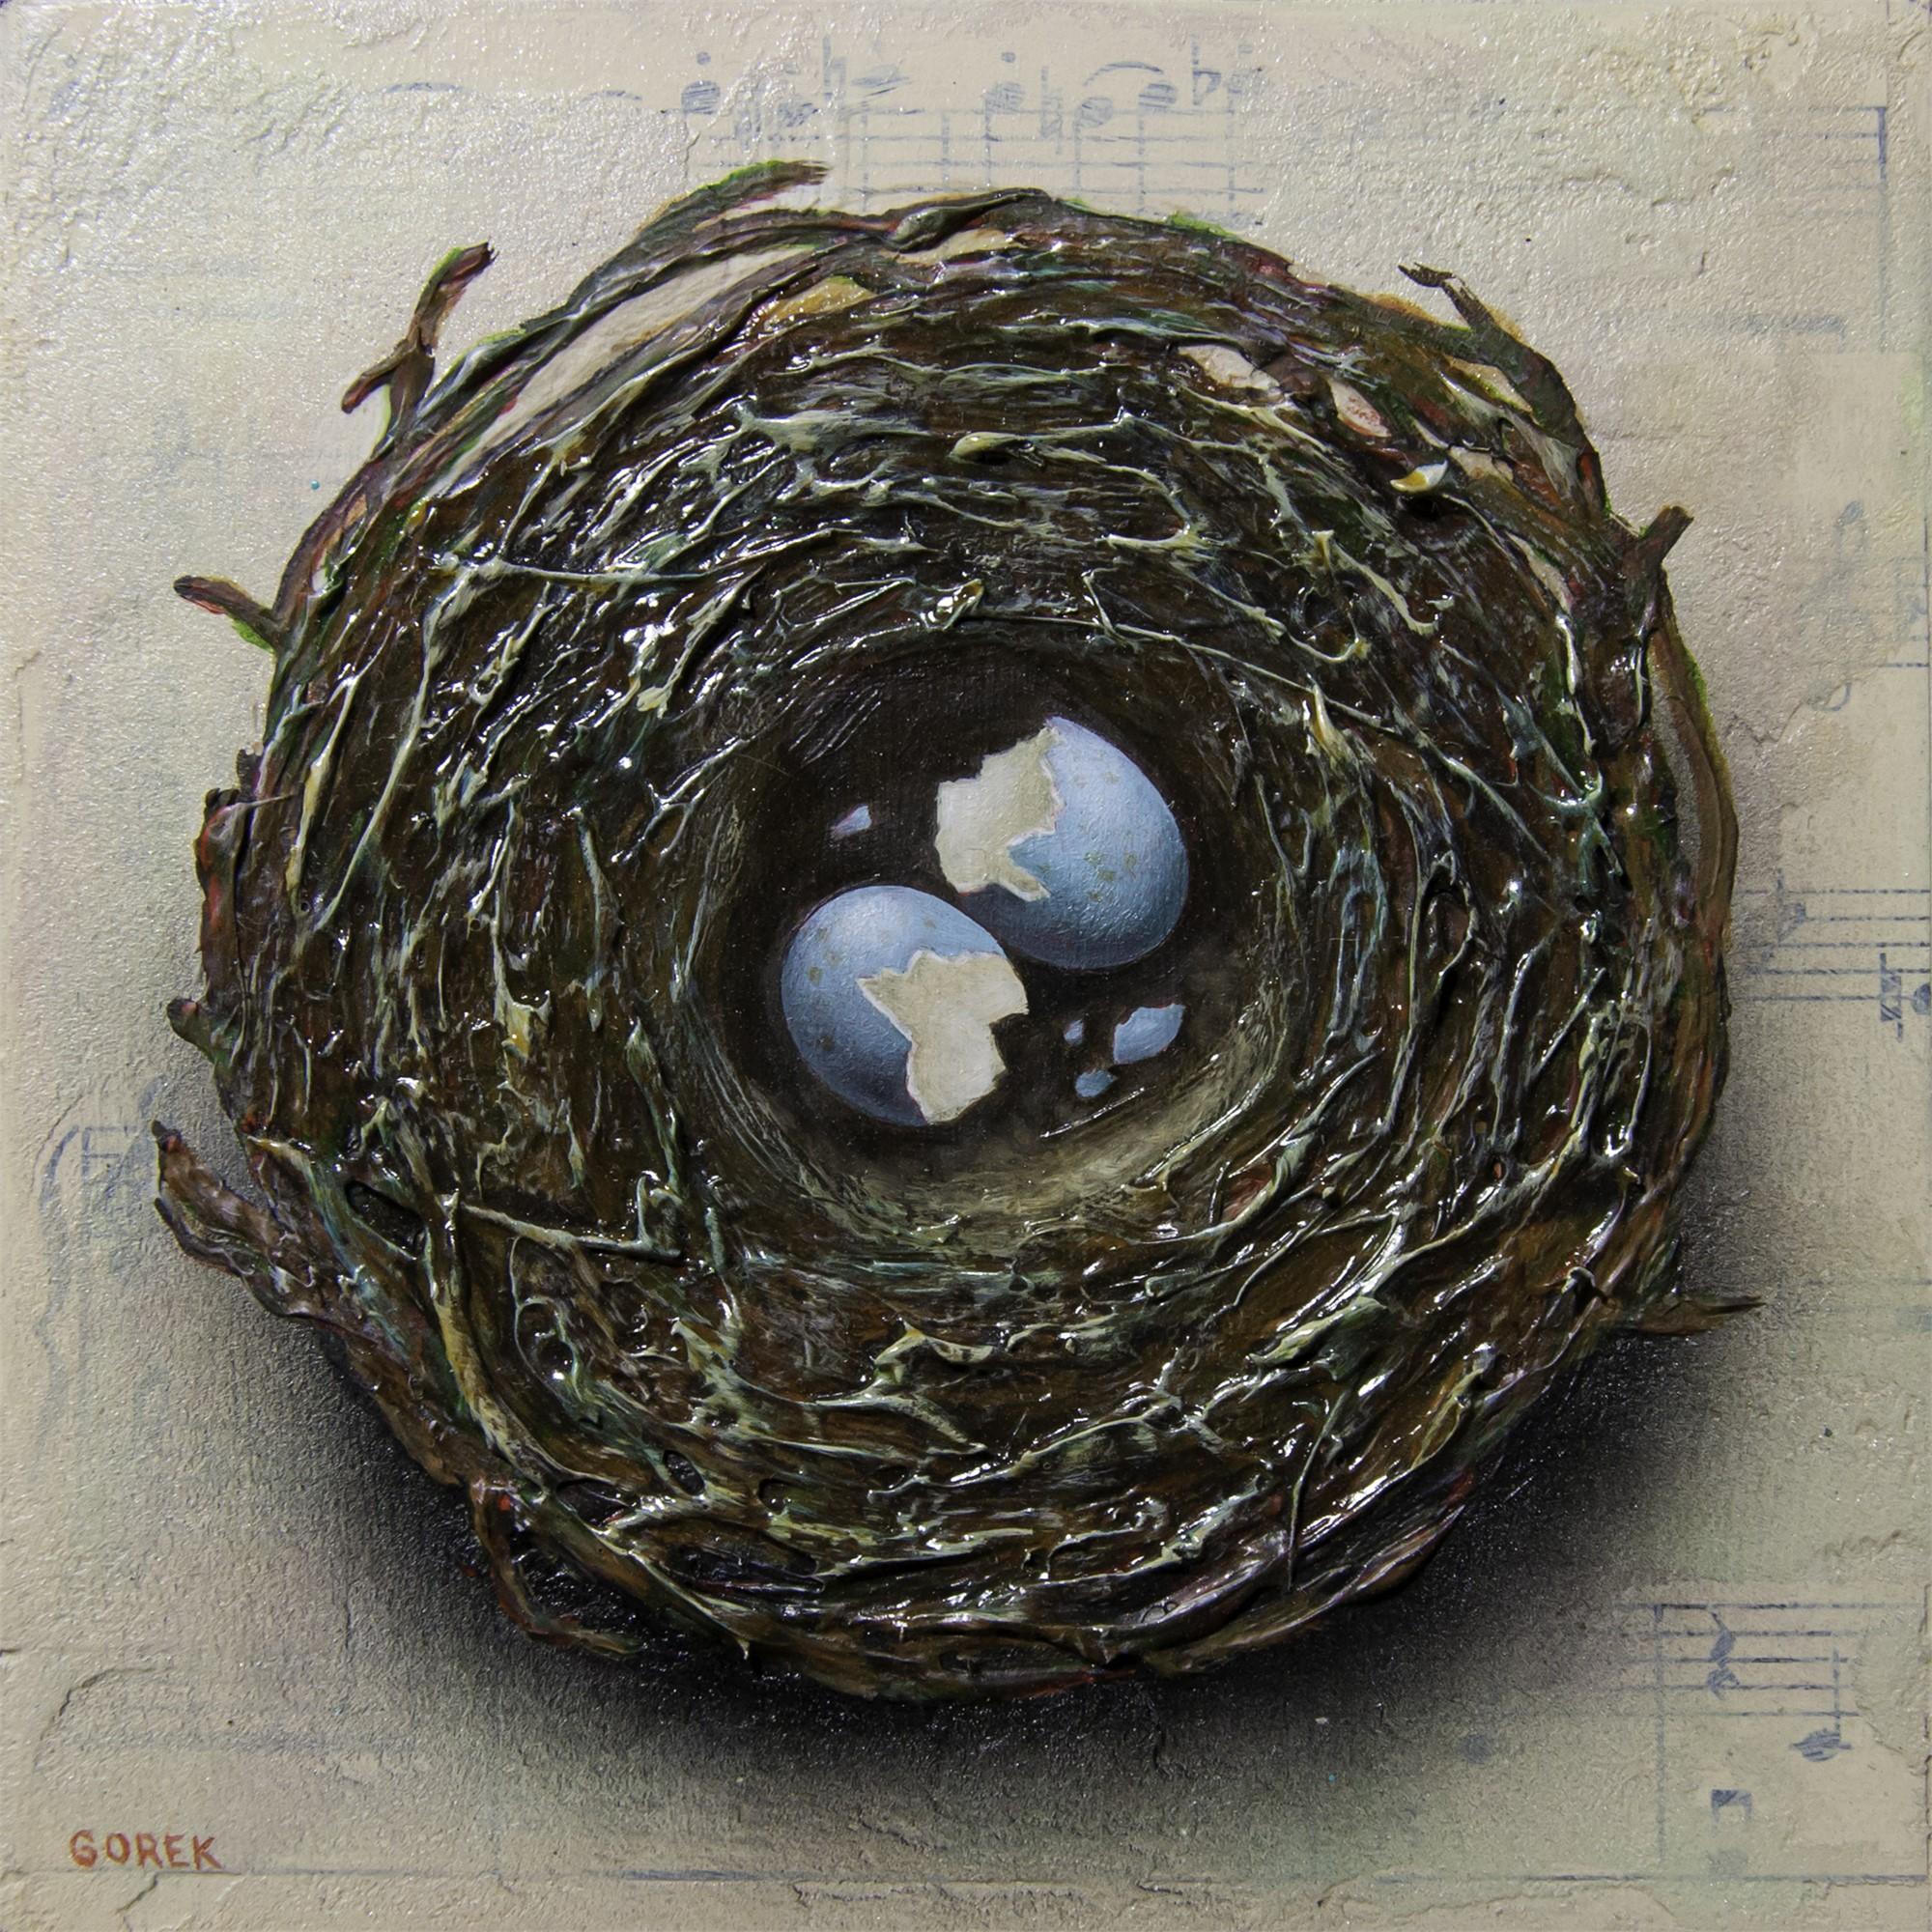 Birds Nest 2 by Thane Gorek